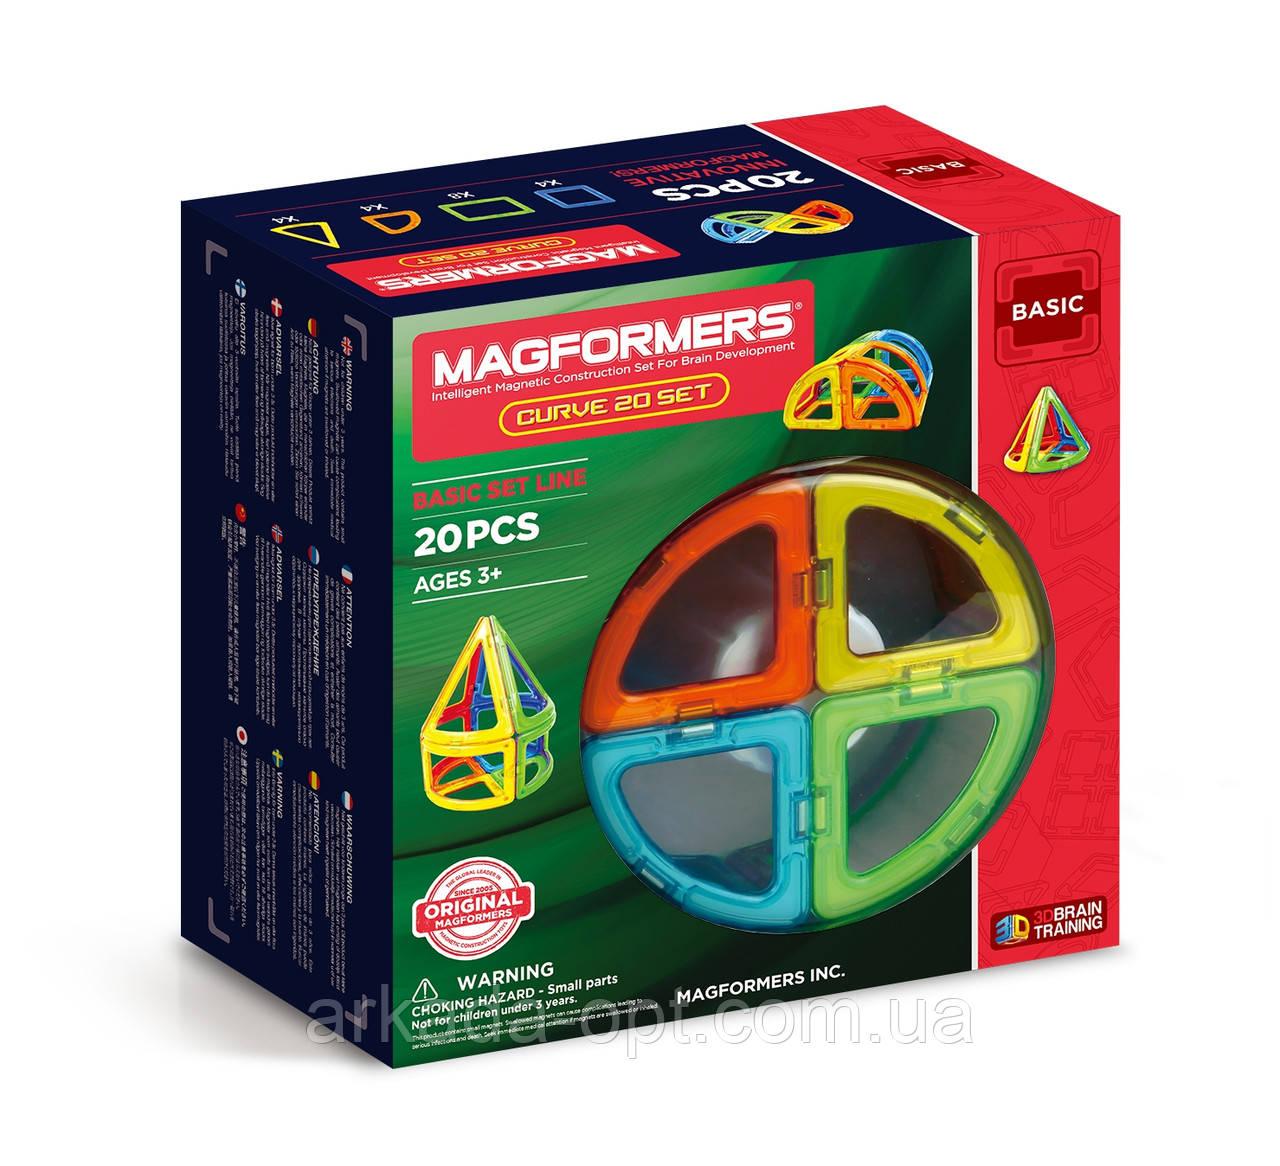 Магнитный конструктор Magformers Базовый набор Дуга 20 элементов (701010)